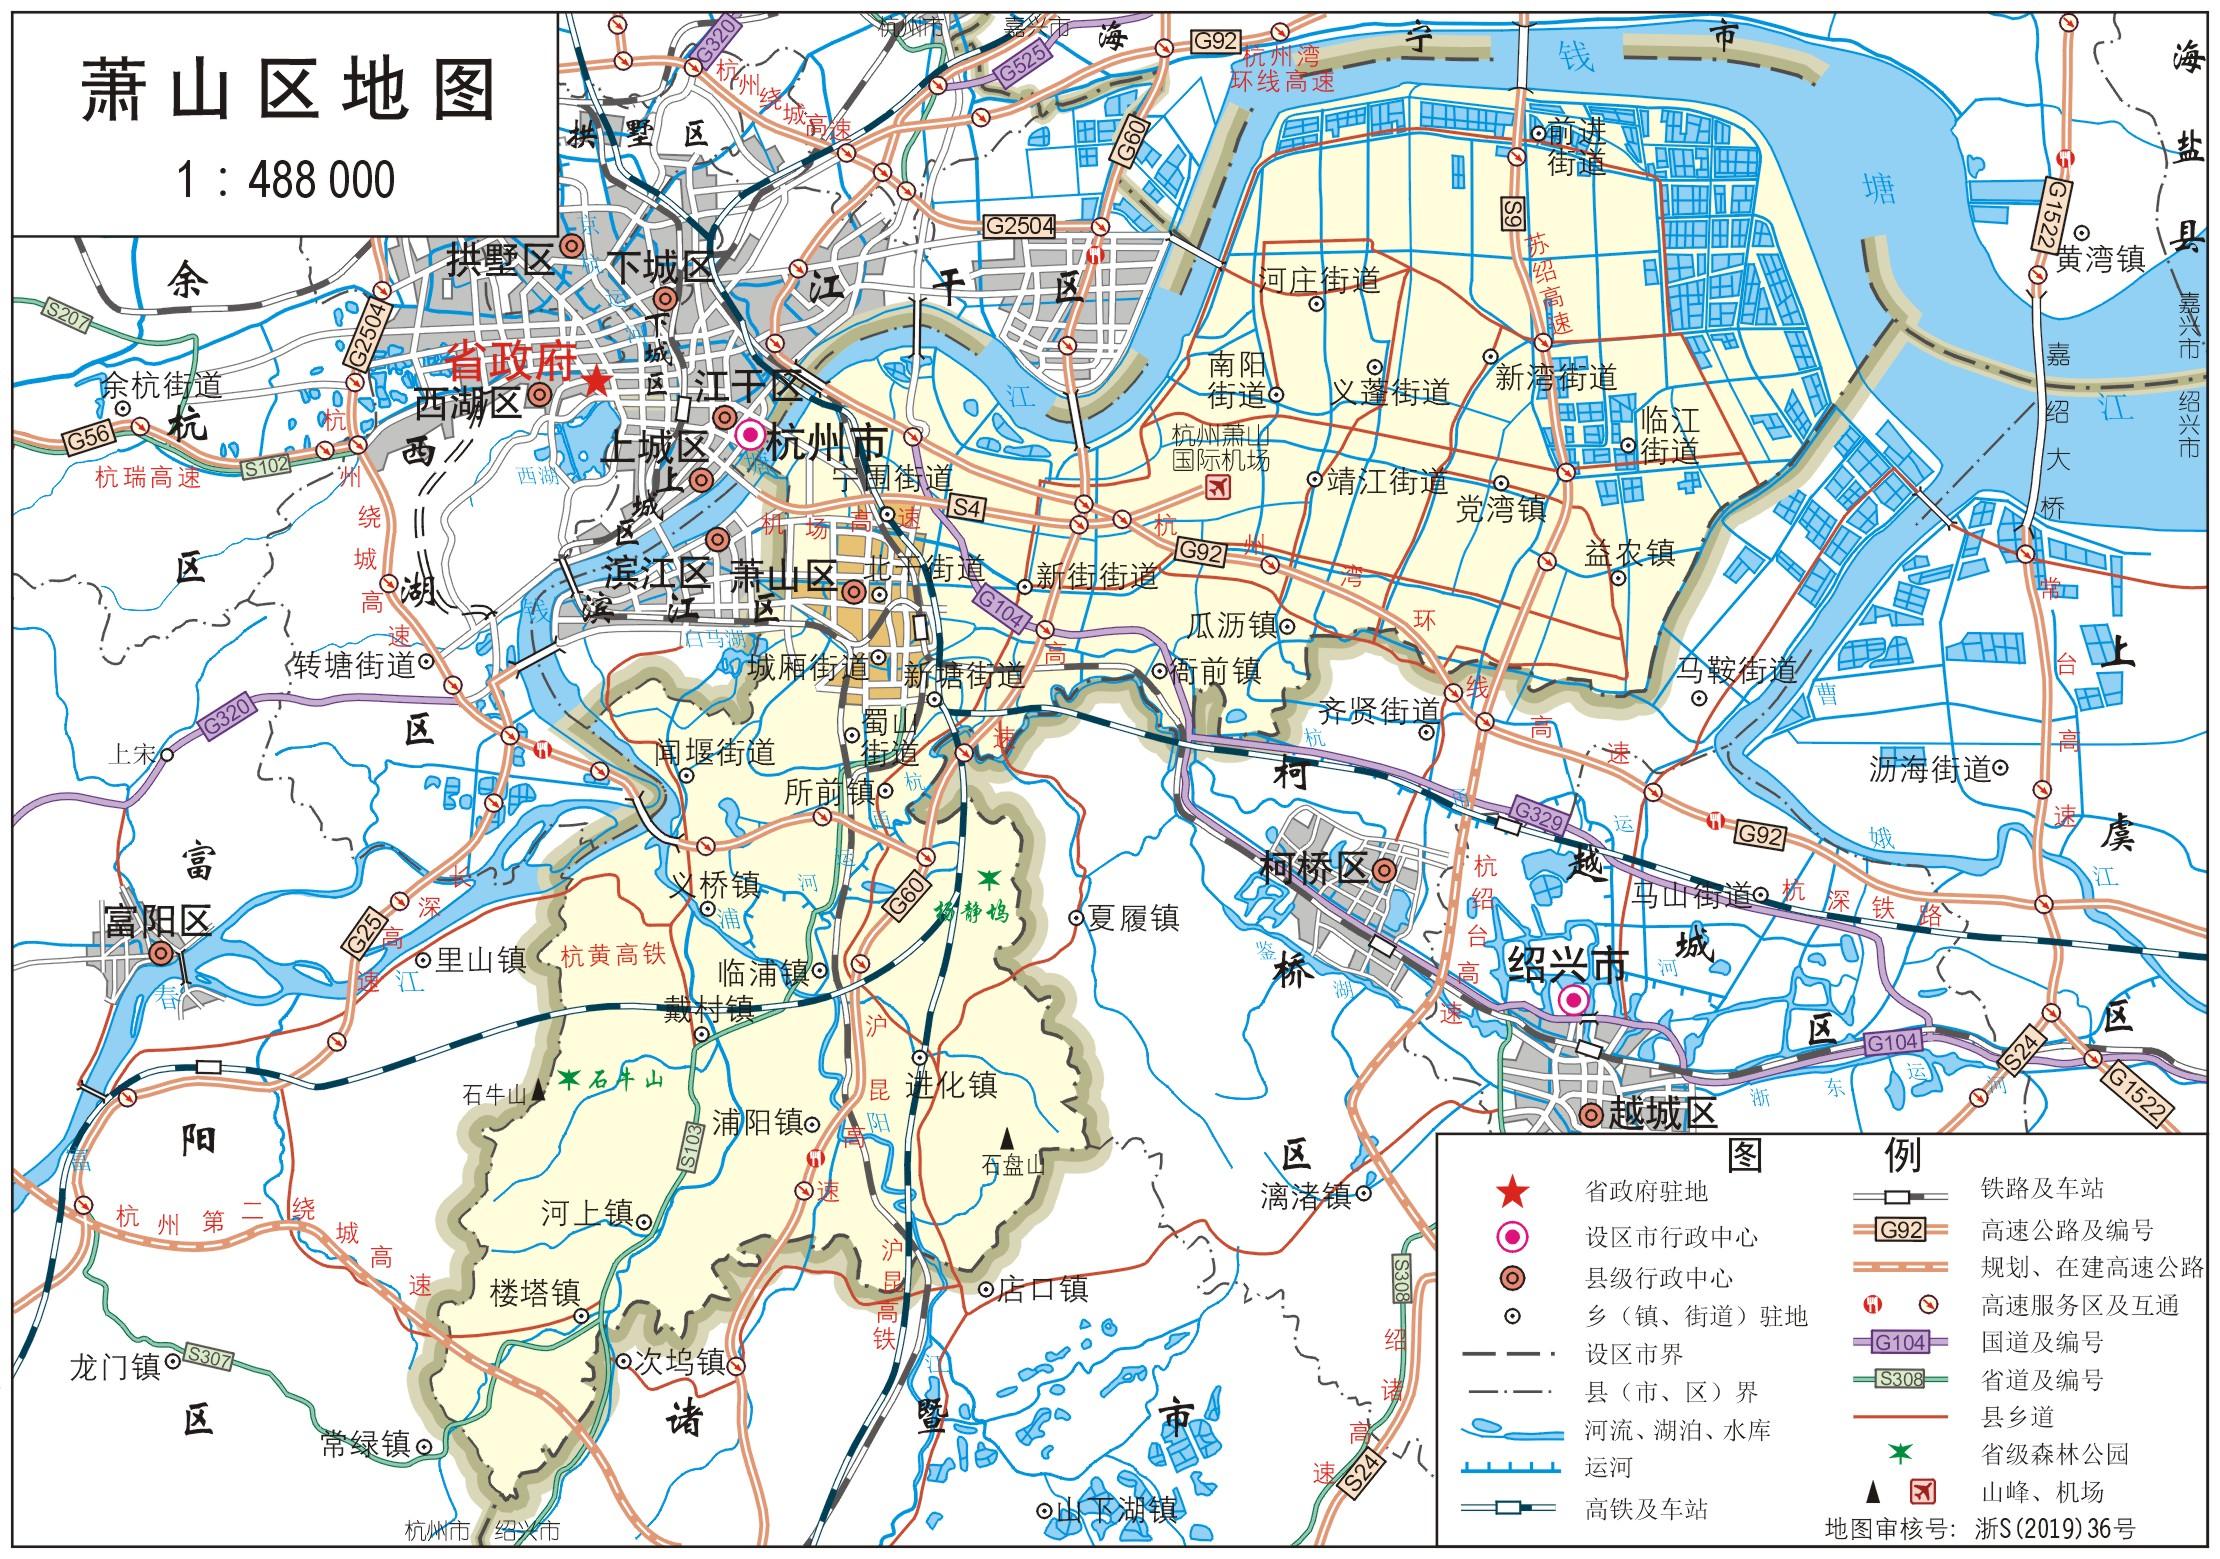 金华旅游景点_萧山区标准地图_杭州地图库_地图窝